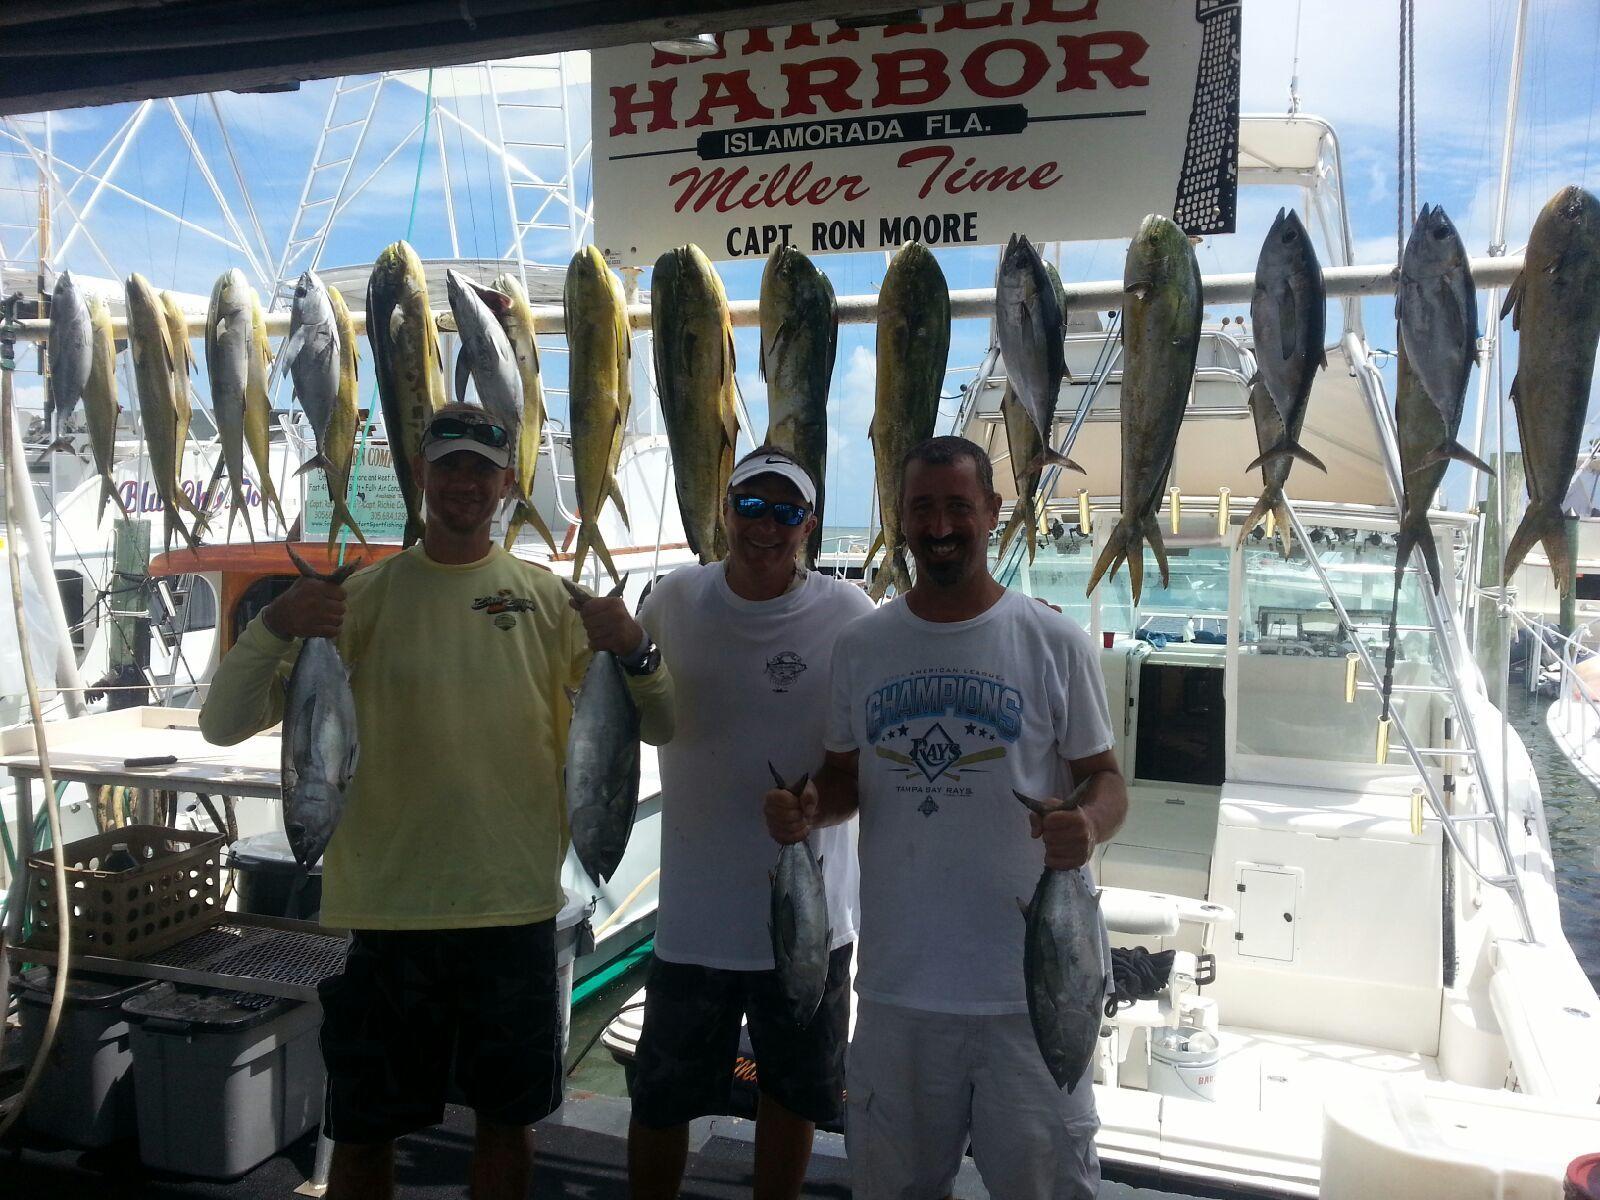 Miller Time Sportfishing: Example 1/2 Day Fishing Trip